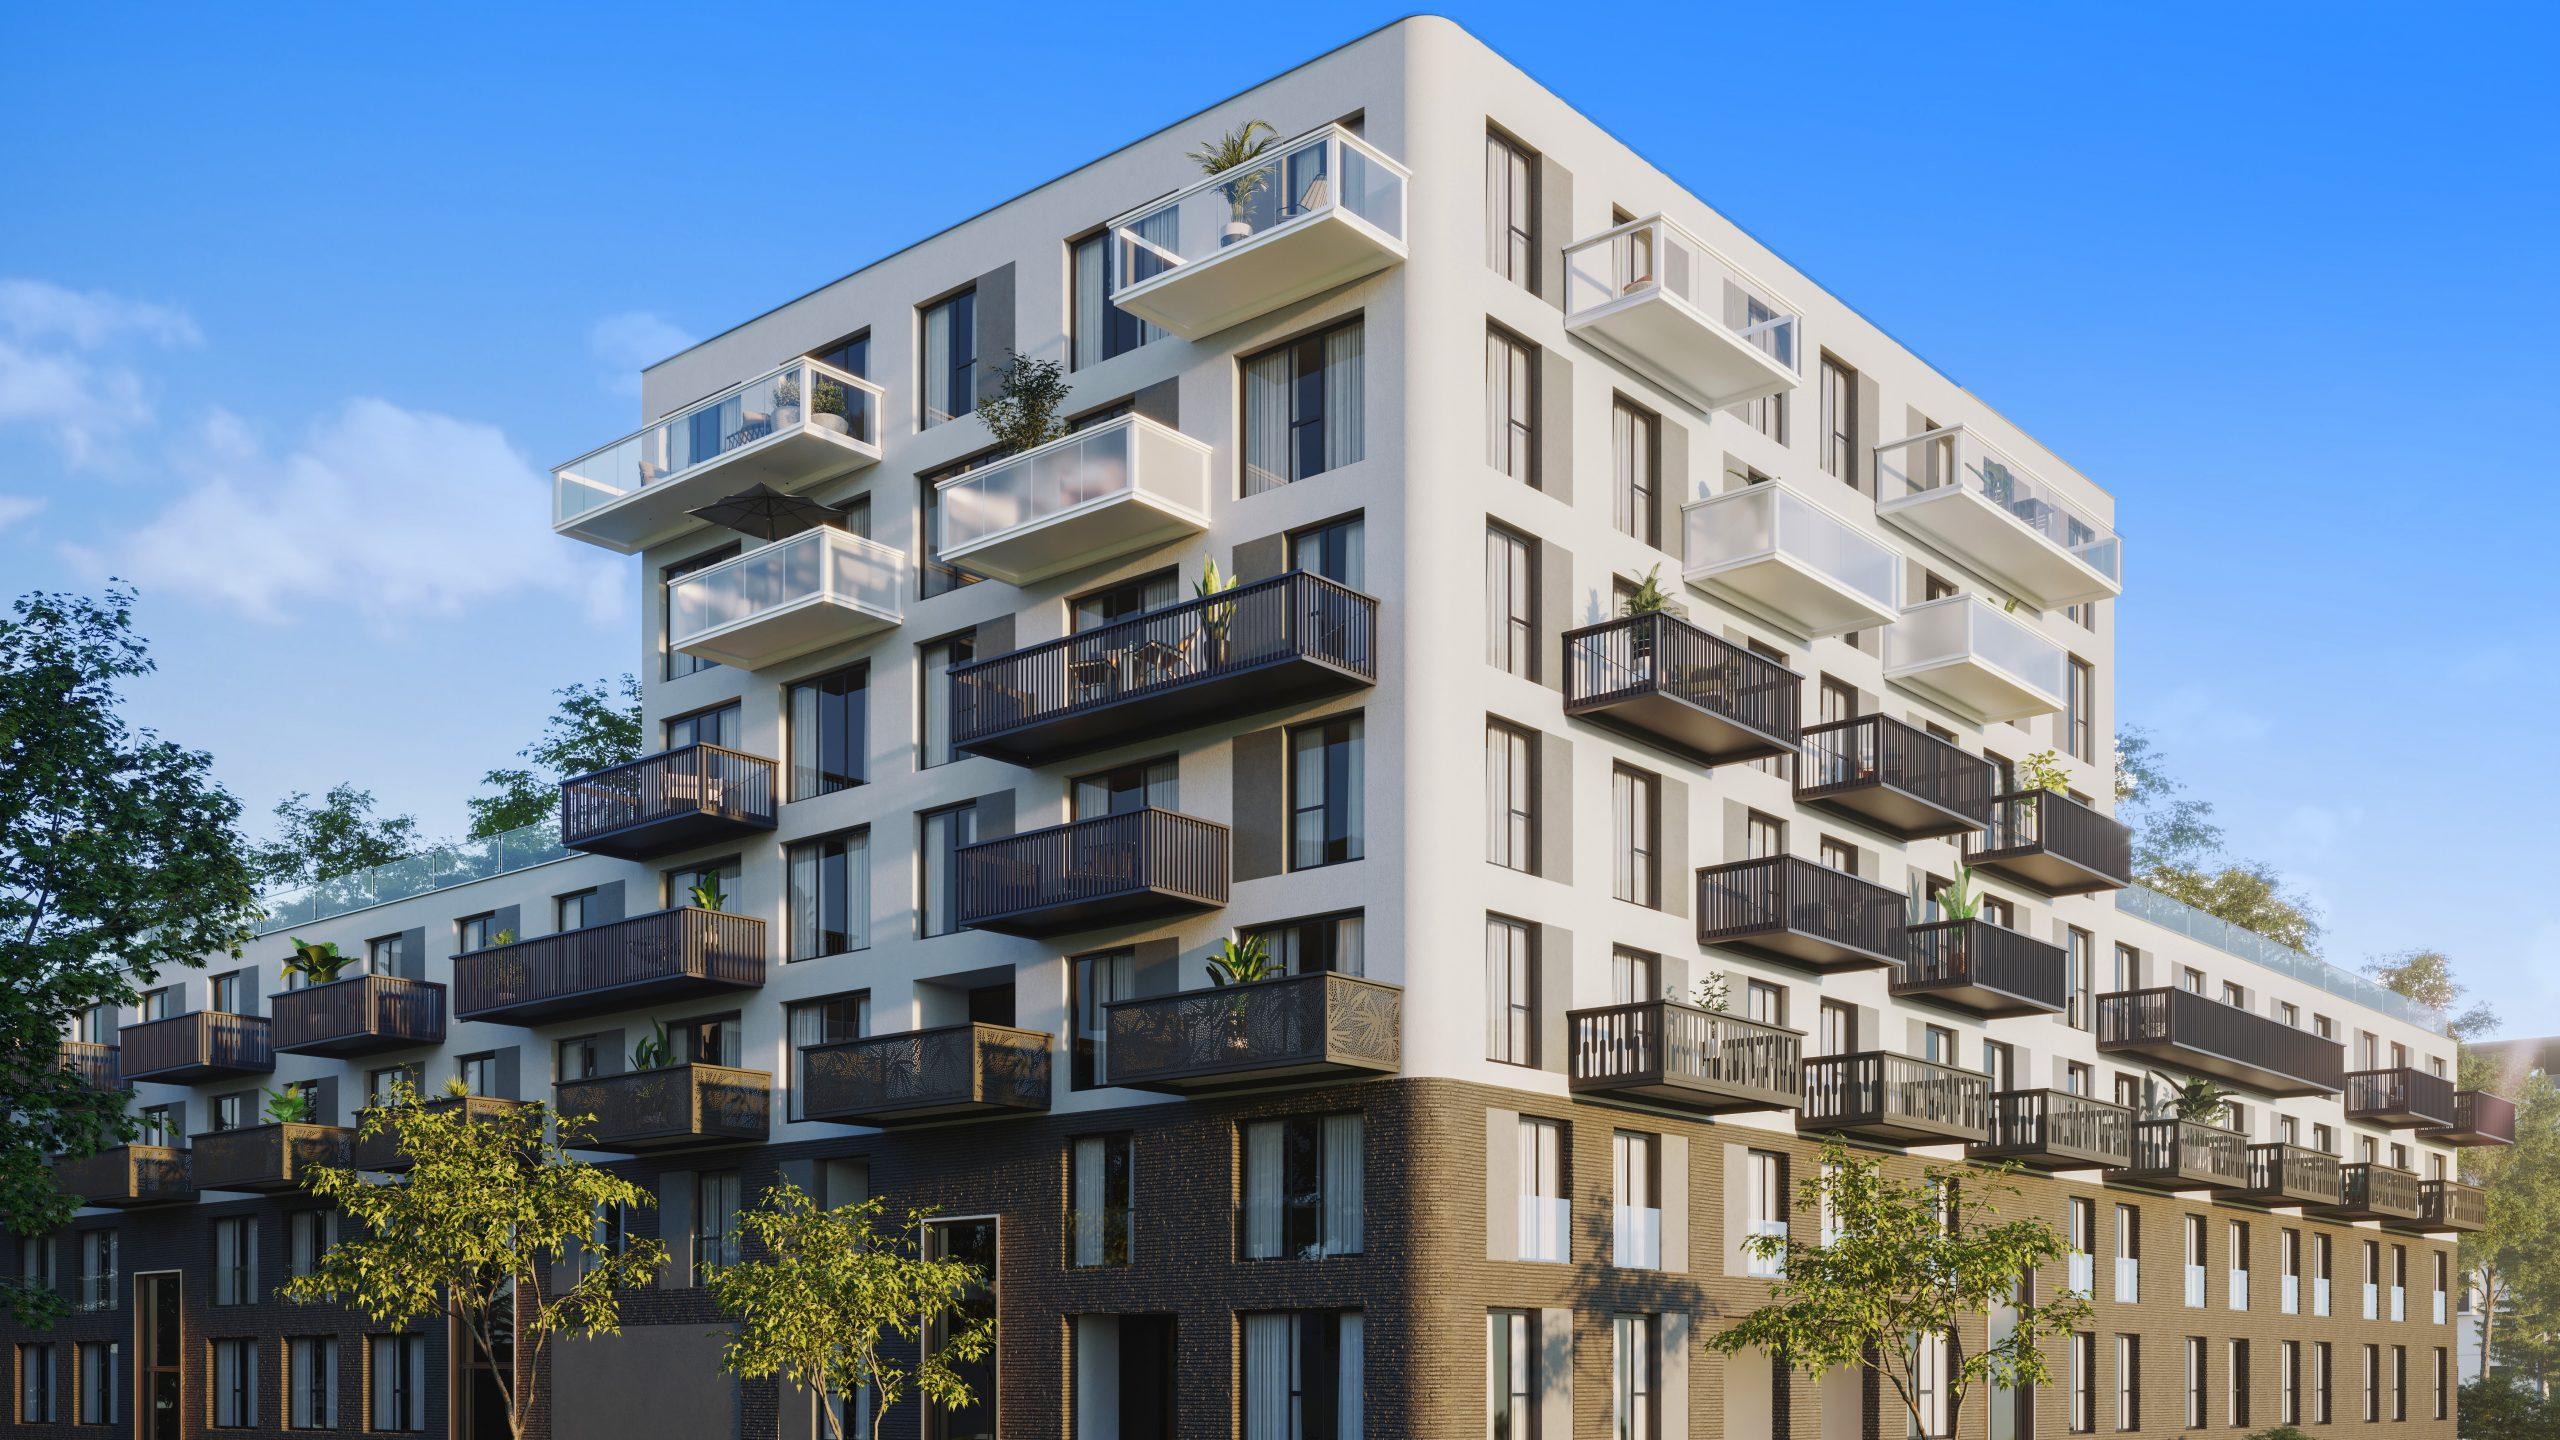 Flexibles Bausystem für Balkone aus Stahl